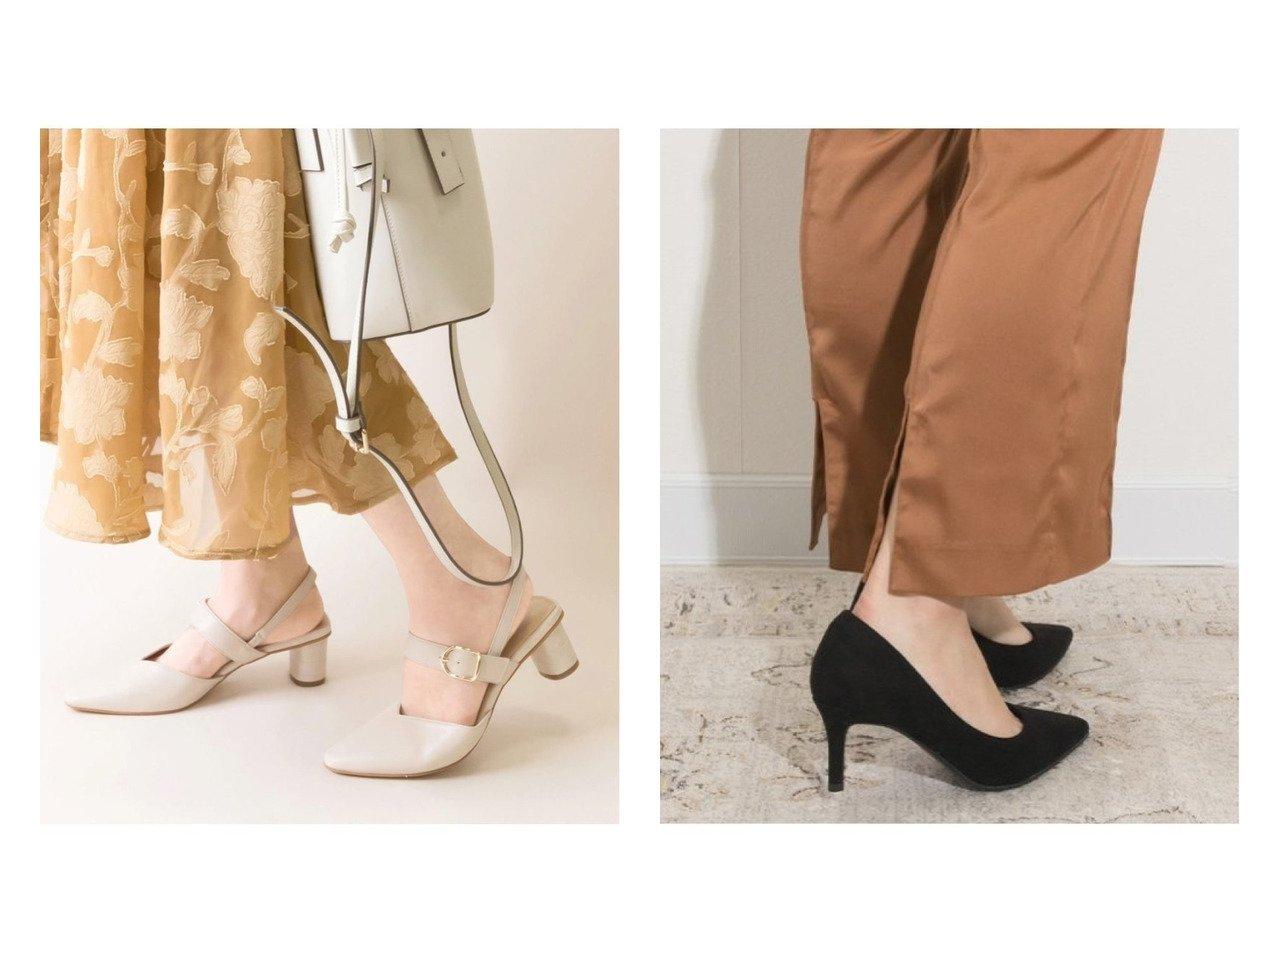 【RANDA/ランダ】のバックストラップVカットベルトパンプス&ストレスフリー/3E幅広 アーチサポートパンプス 【シューズ・靴】おすすめ!人気、トレンド・レディースファッションの通販 おすすめファッション通販アイテム インテリア・キッズ・メンズ・レディースファッション・服の通販 founy(ファニー)  ファッション Fashion レディースファッション WOMEN バッグ Bag ベルト Belts シューズ クッション フォーマル ライニング イエロー系 Yellow |ID:crp329100000037640